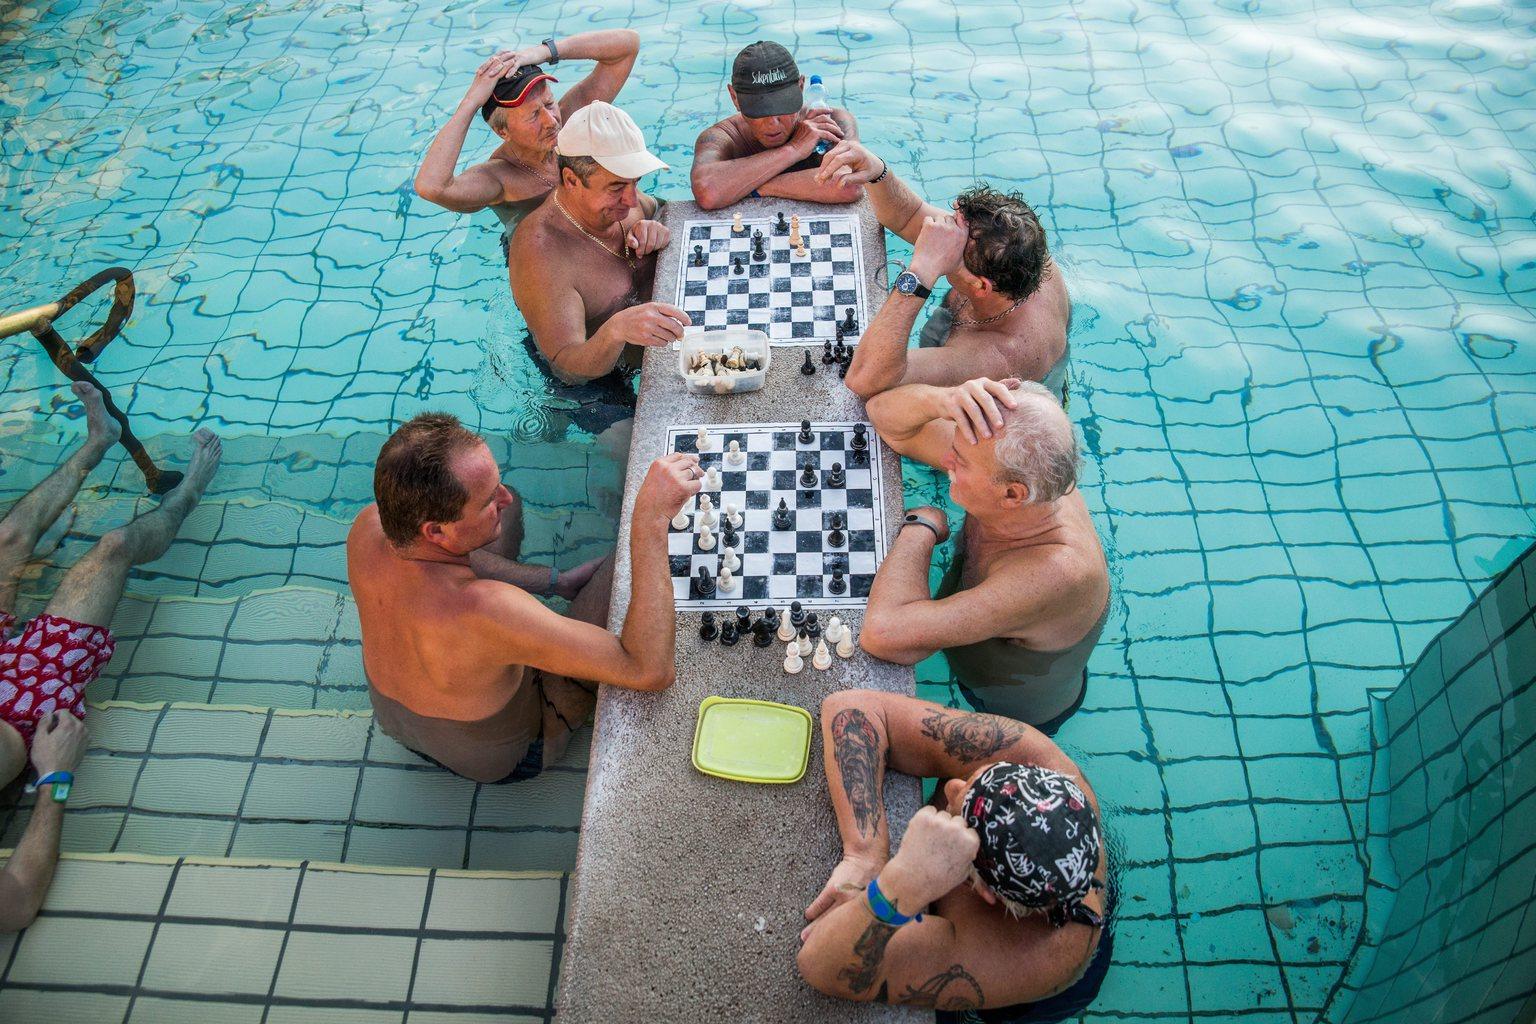 Látogatók sakkoznak a Széchenyi Gyógyfürdő és Uszoda medencéjében 2016. március 21-én. Az ENSZ 1992-ben nyilvánította március 22-ét a víz világnapjává, amelynek célja a környezet és ezen belül a Föld vízkészletének védelme. MTI Fotó: Balogh Zoltán